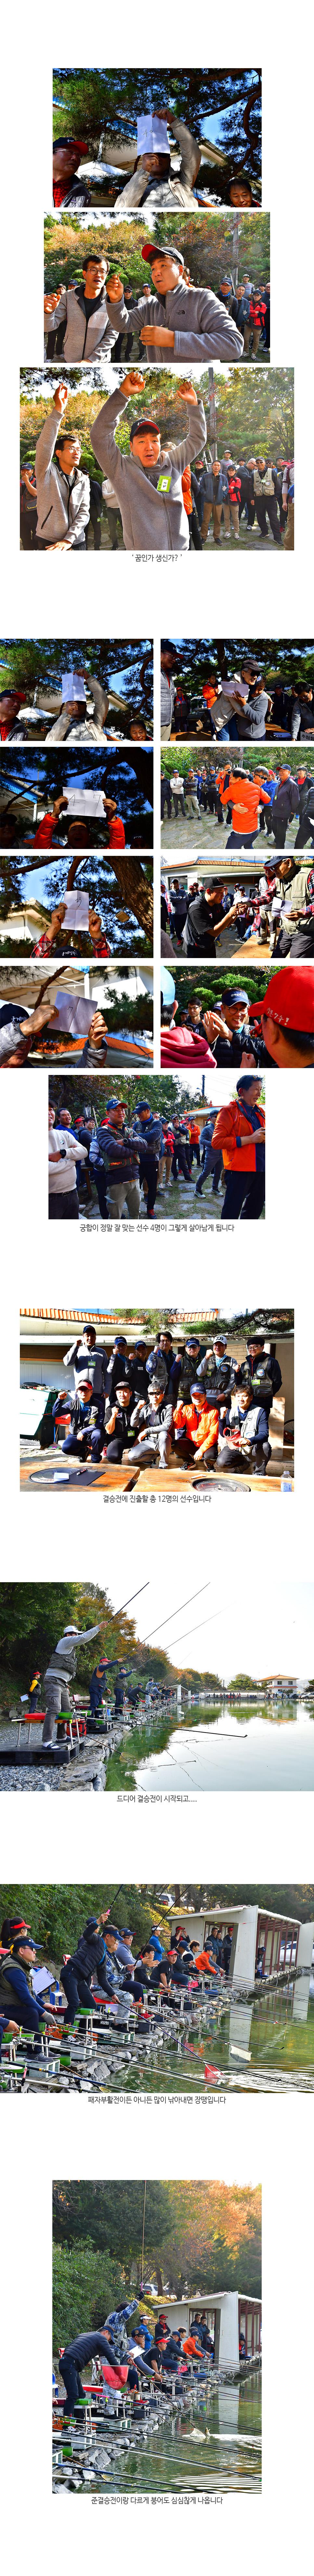 2018 군계일학 왕중왕전 - 08.jpg